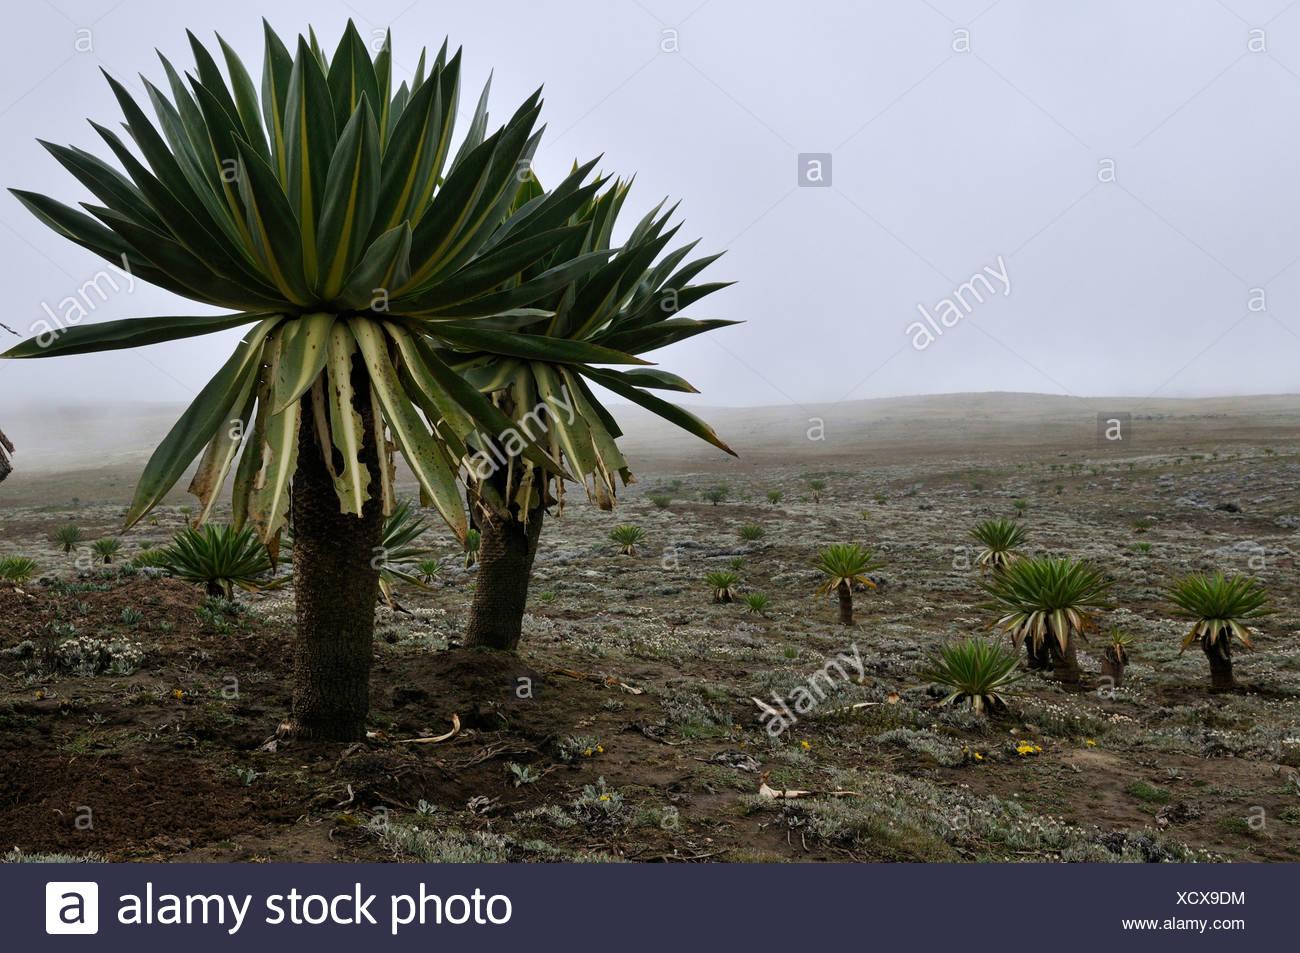 Giant Lobelia on the Sanetti Plateau, Bale Mountains National Park, Oromo, Ethiopia, Africa - Stock Image